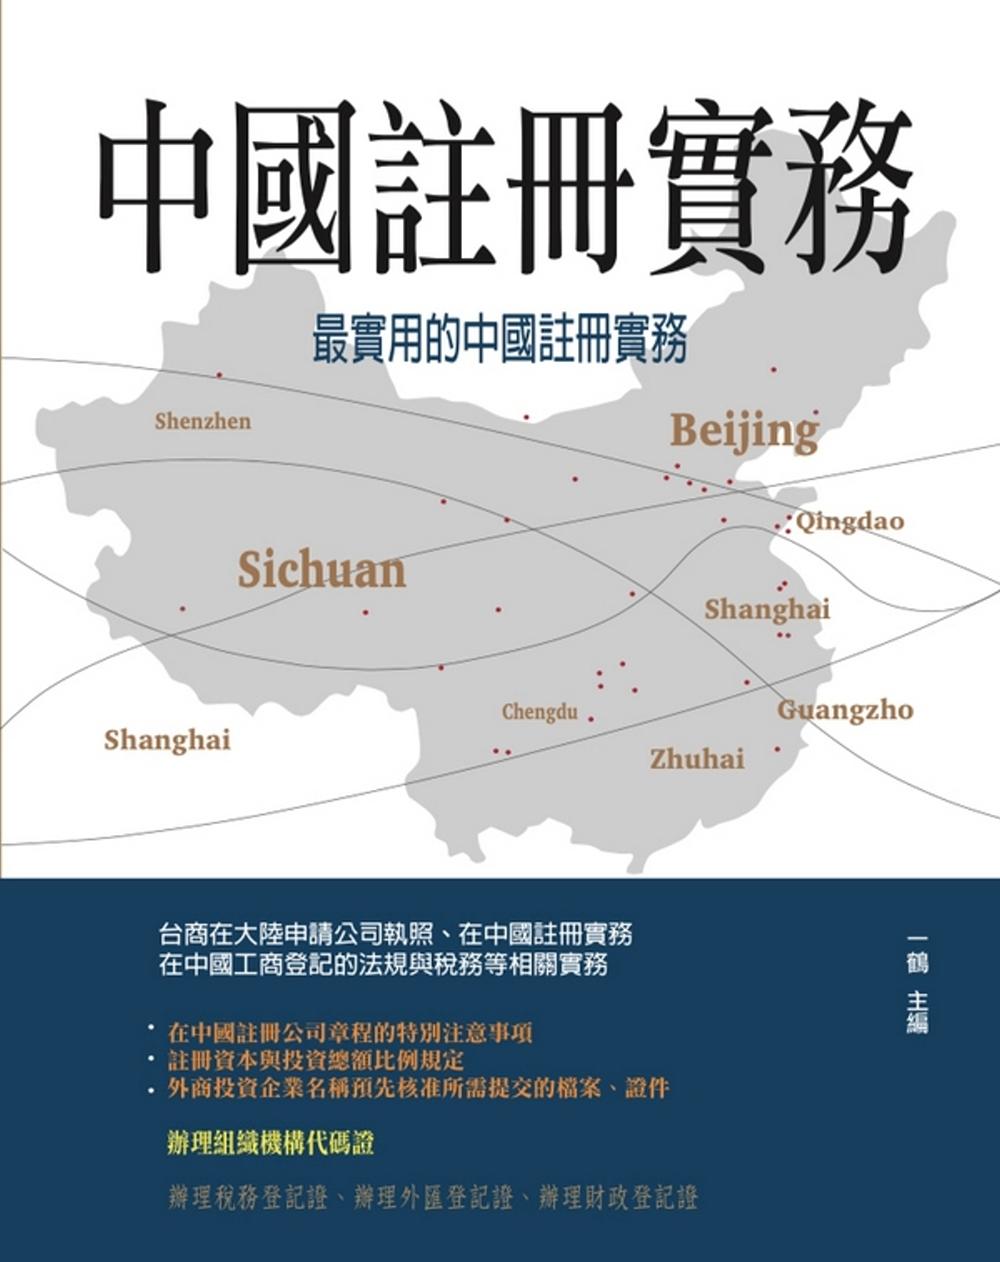 中國註冊實務:最實用的中國註冊實務